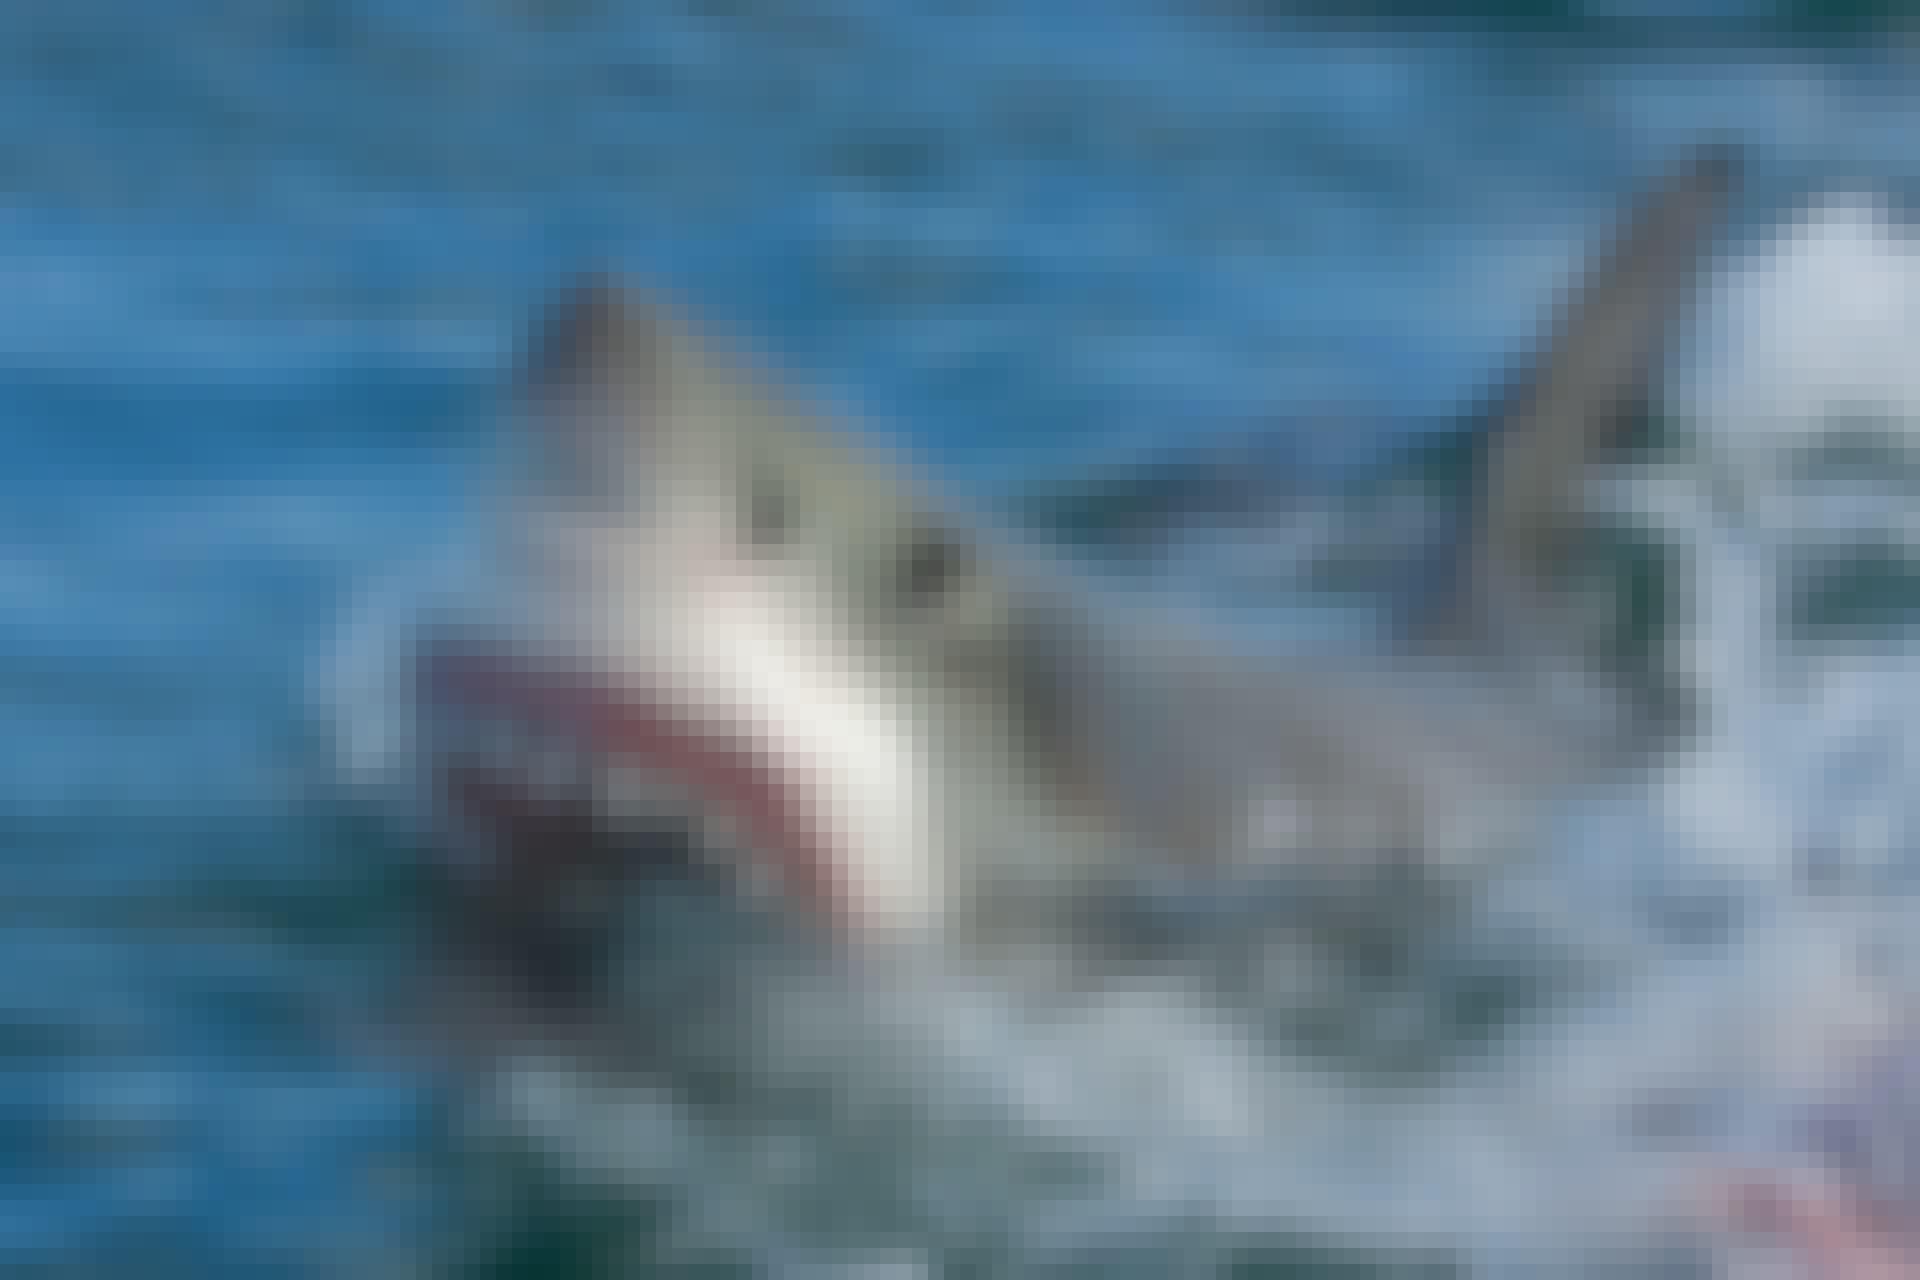 haai haaienaanvallen